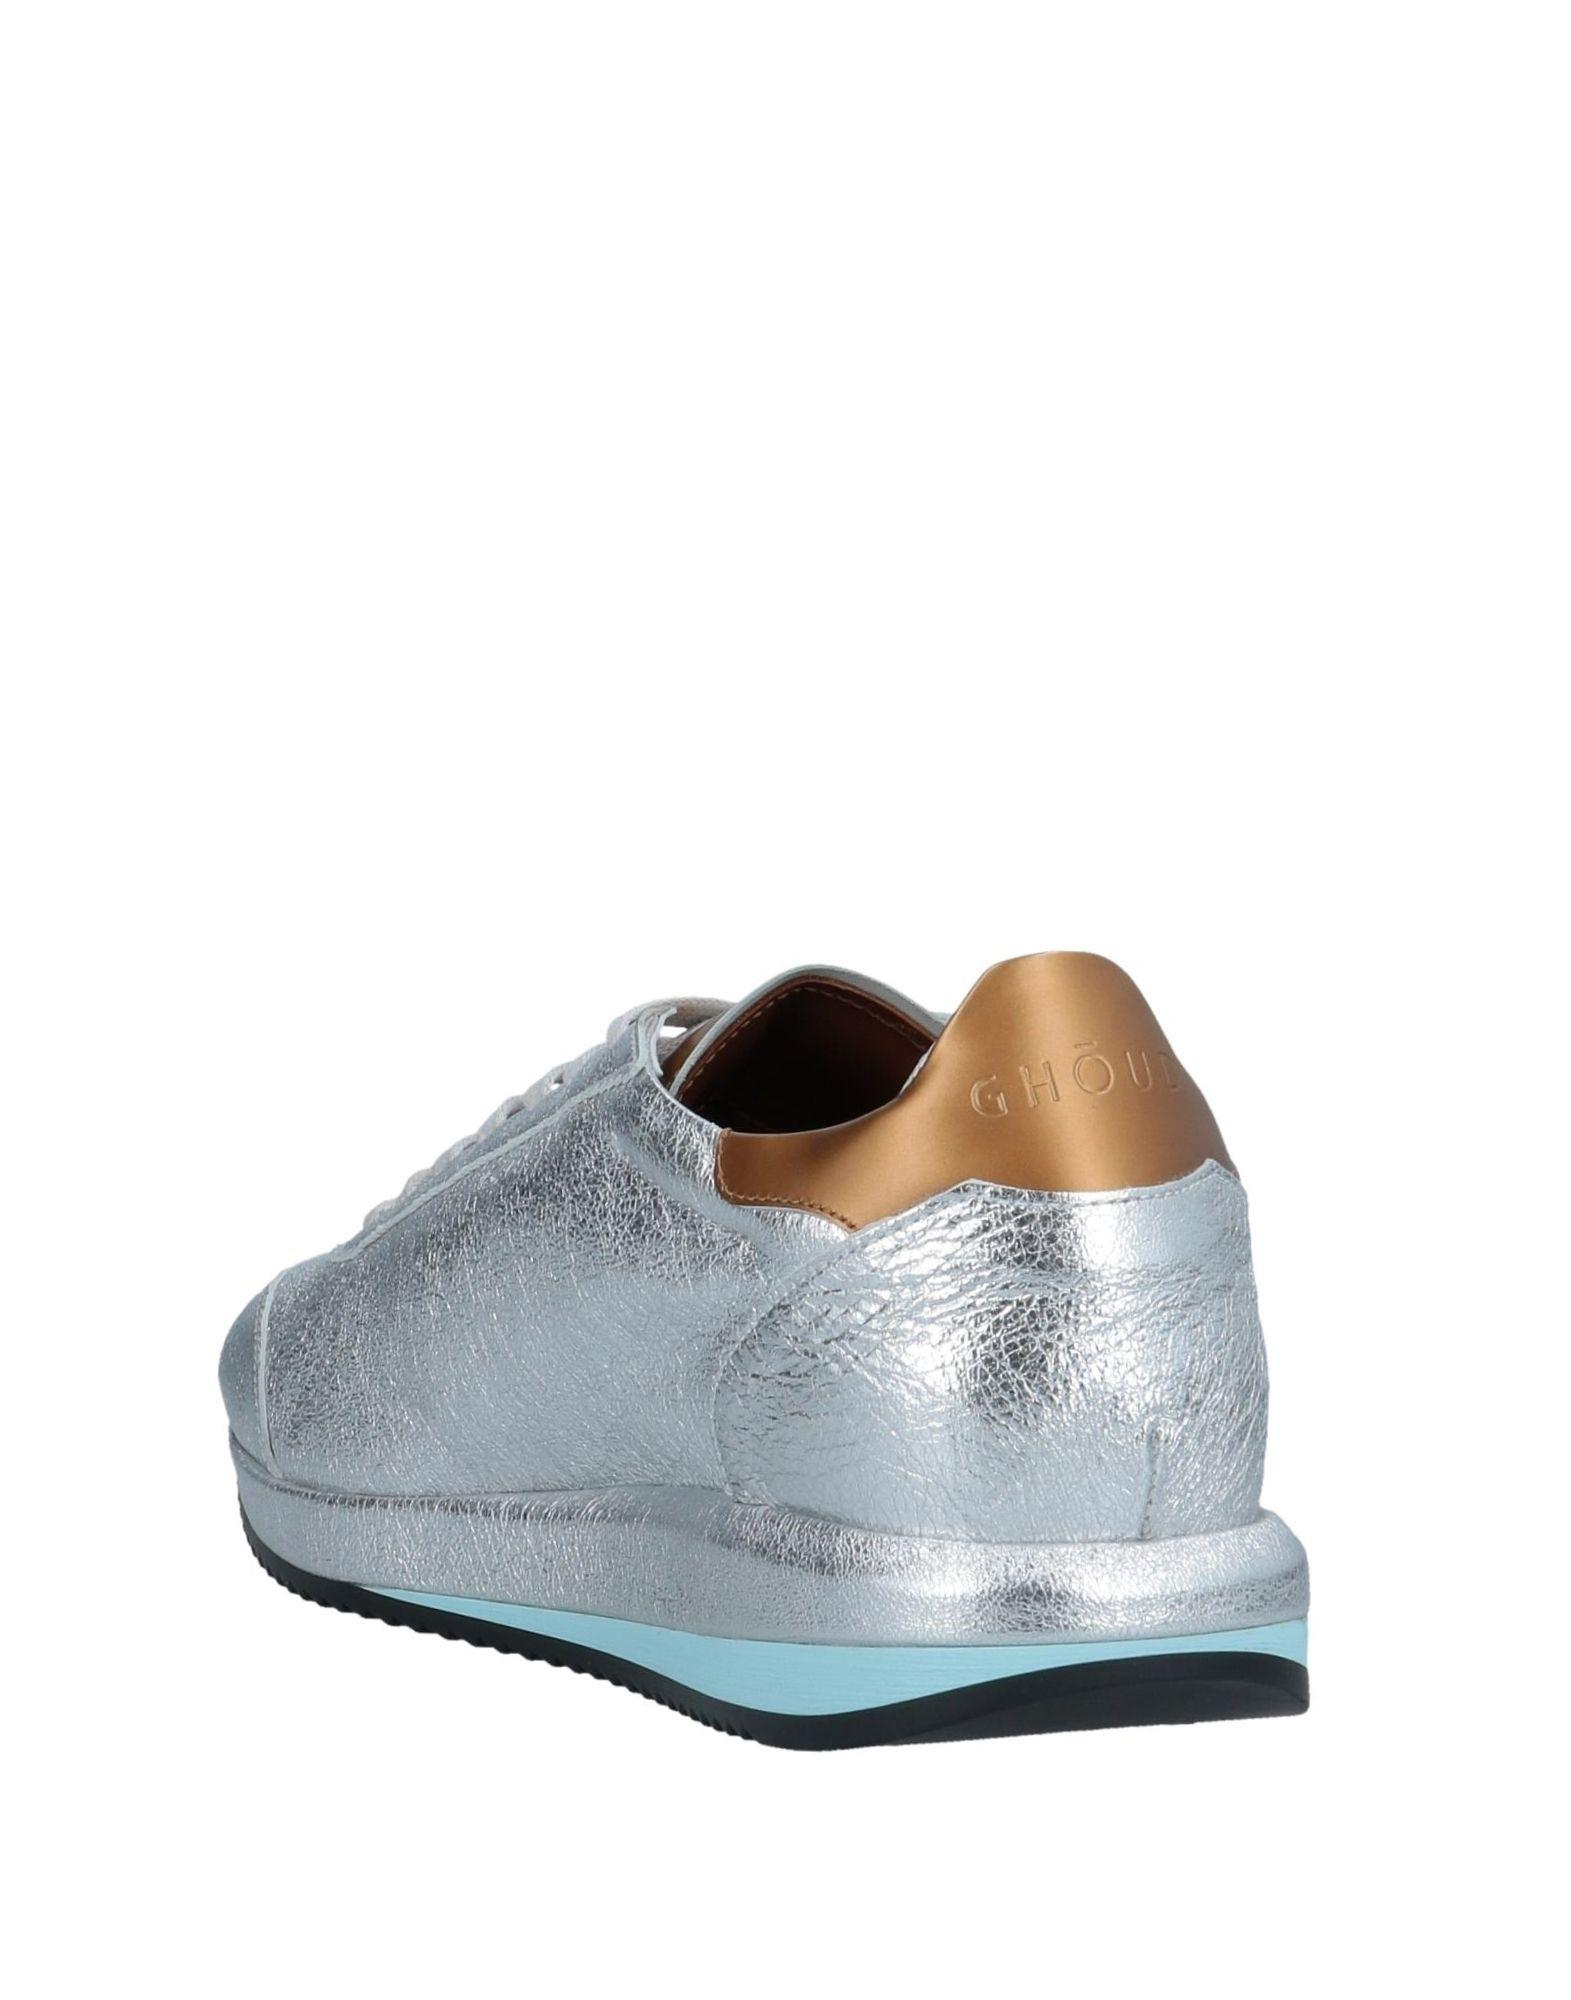 GHŌUD Leather Low-tops & Sneakers in Brown